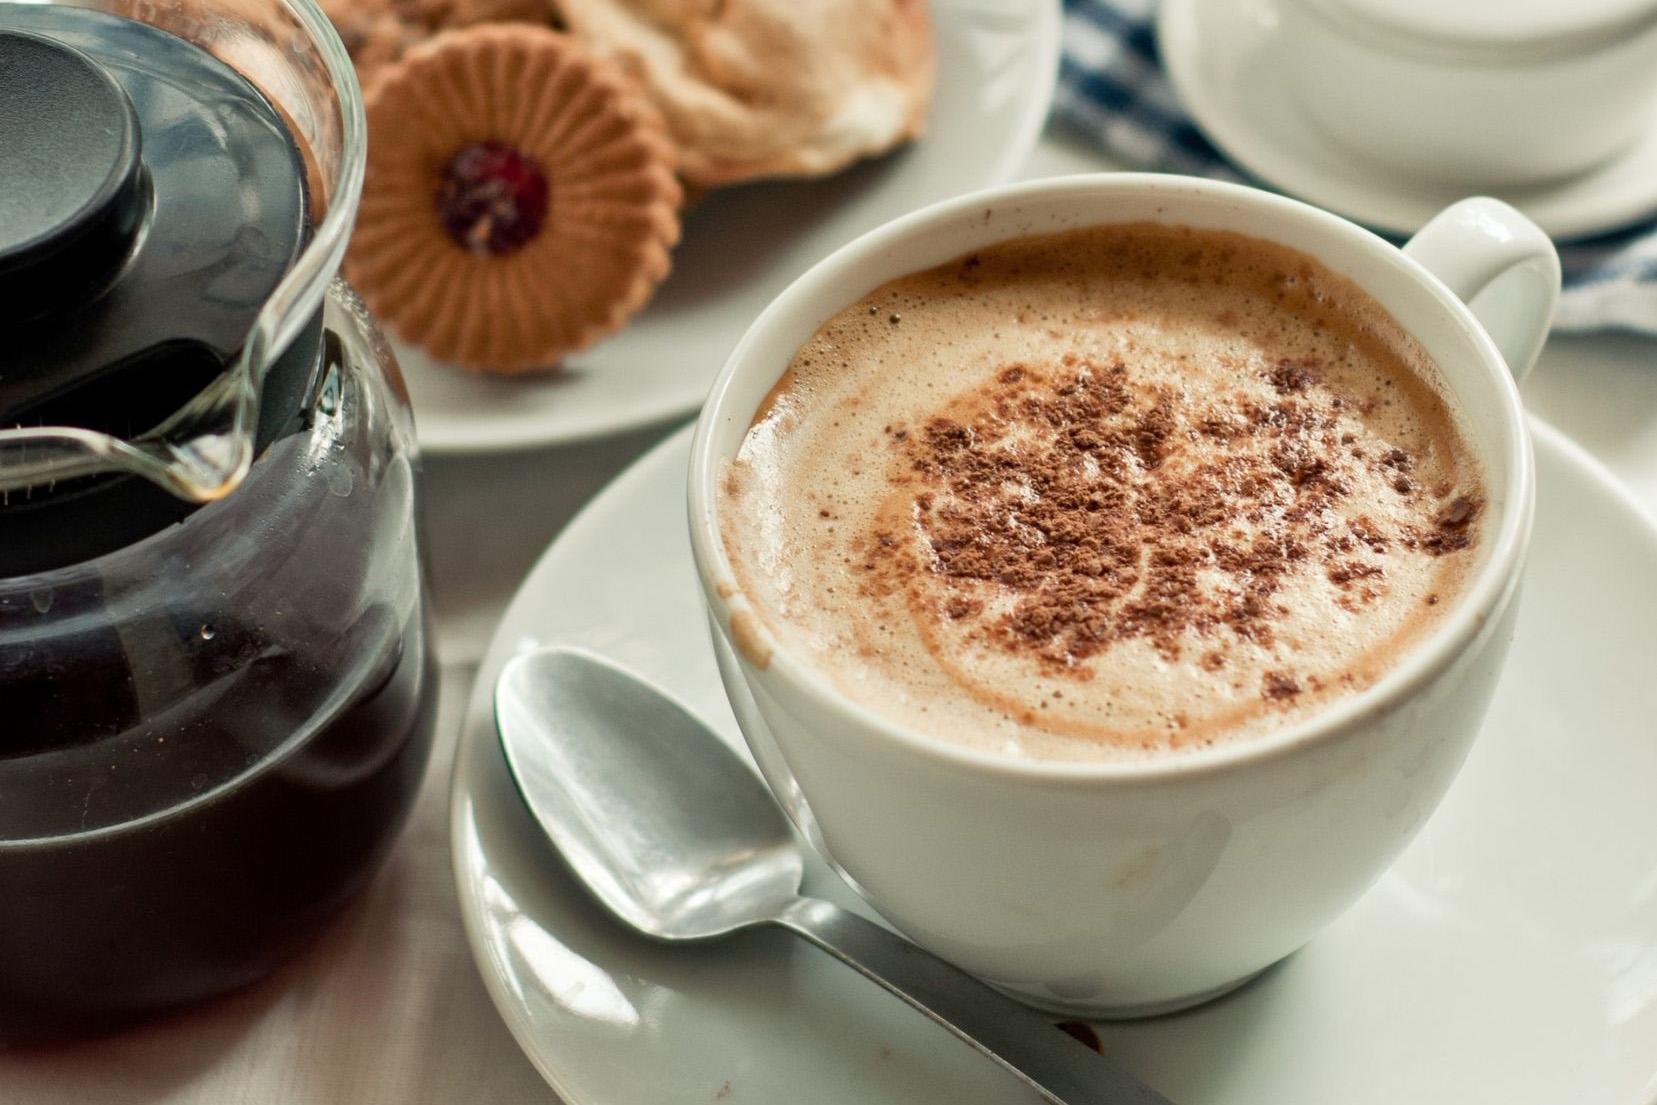 segít a kávé a fogyásban